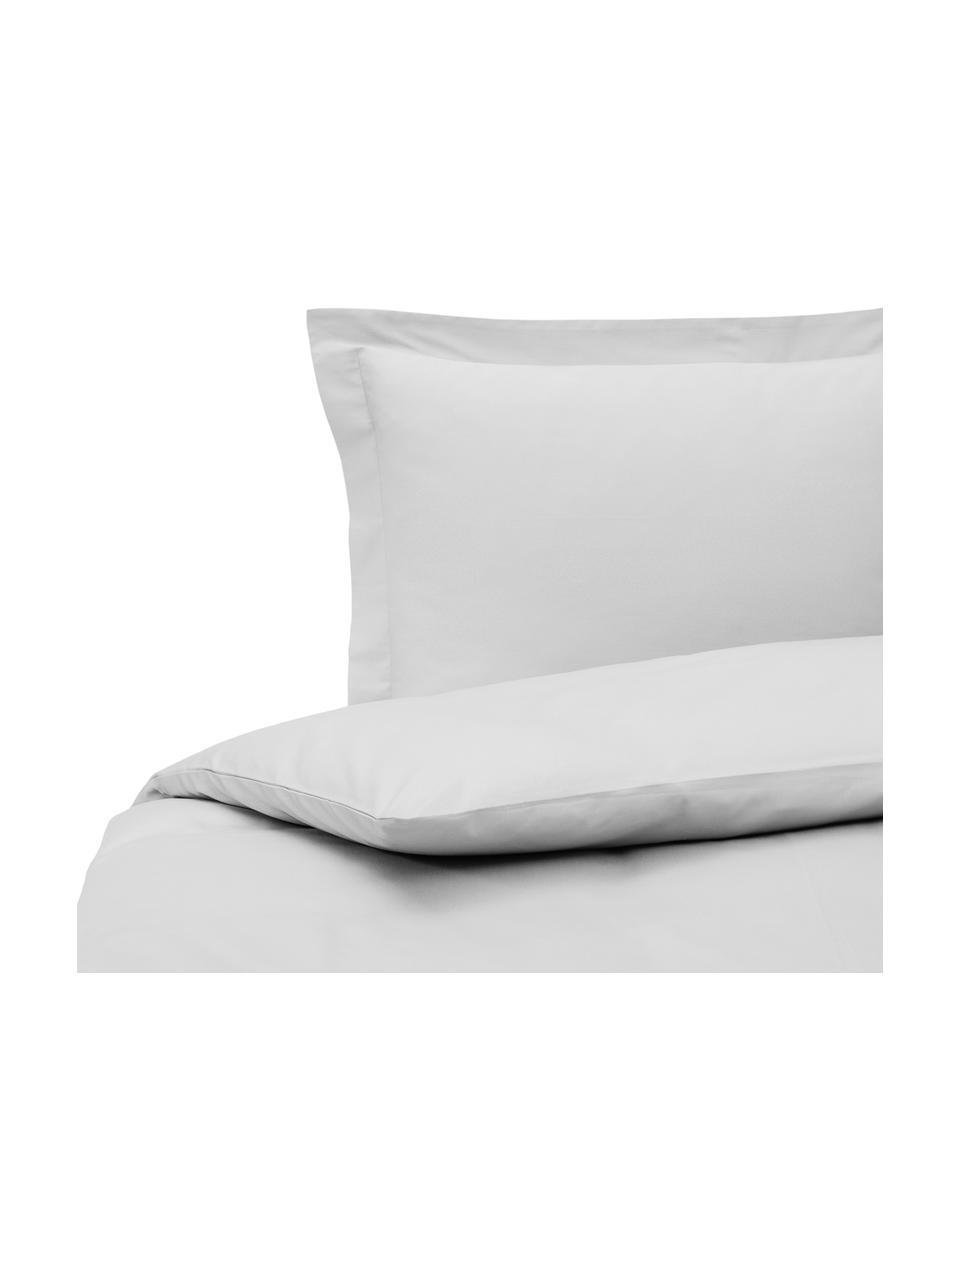 Parure copripiumino in raso di cotone grigio chiaro Premium, Grigio chiaro, 155 x 200 cm